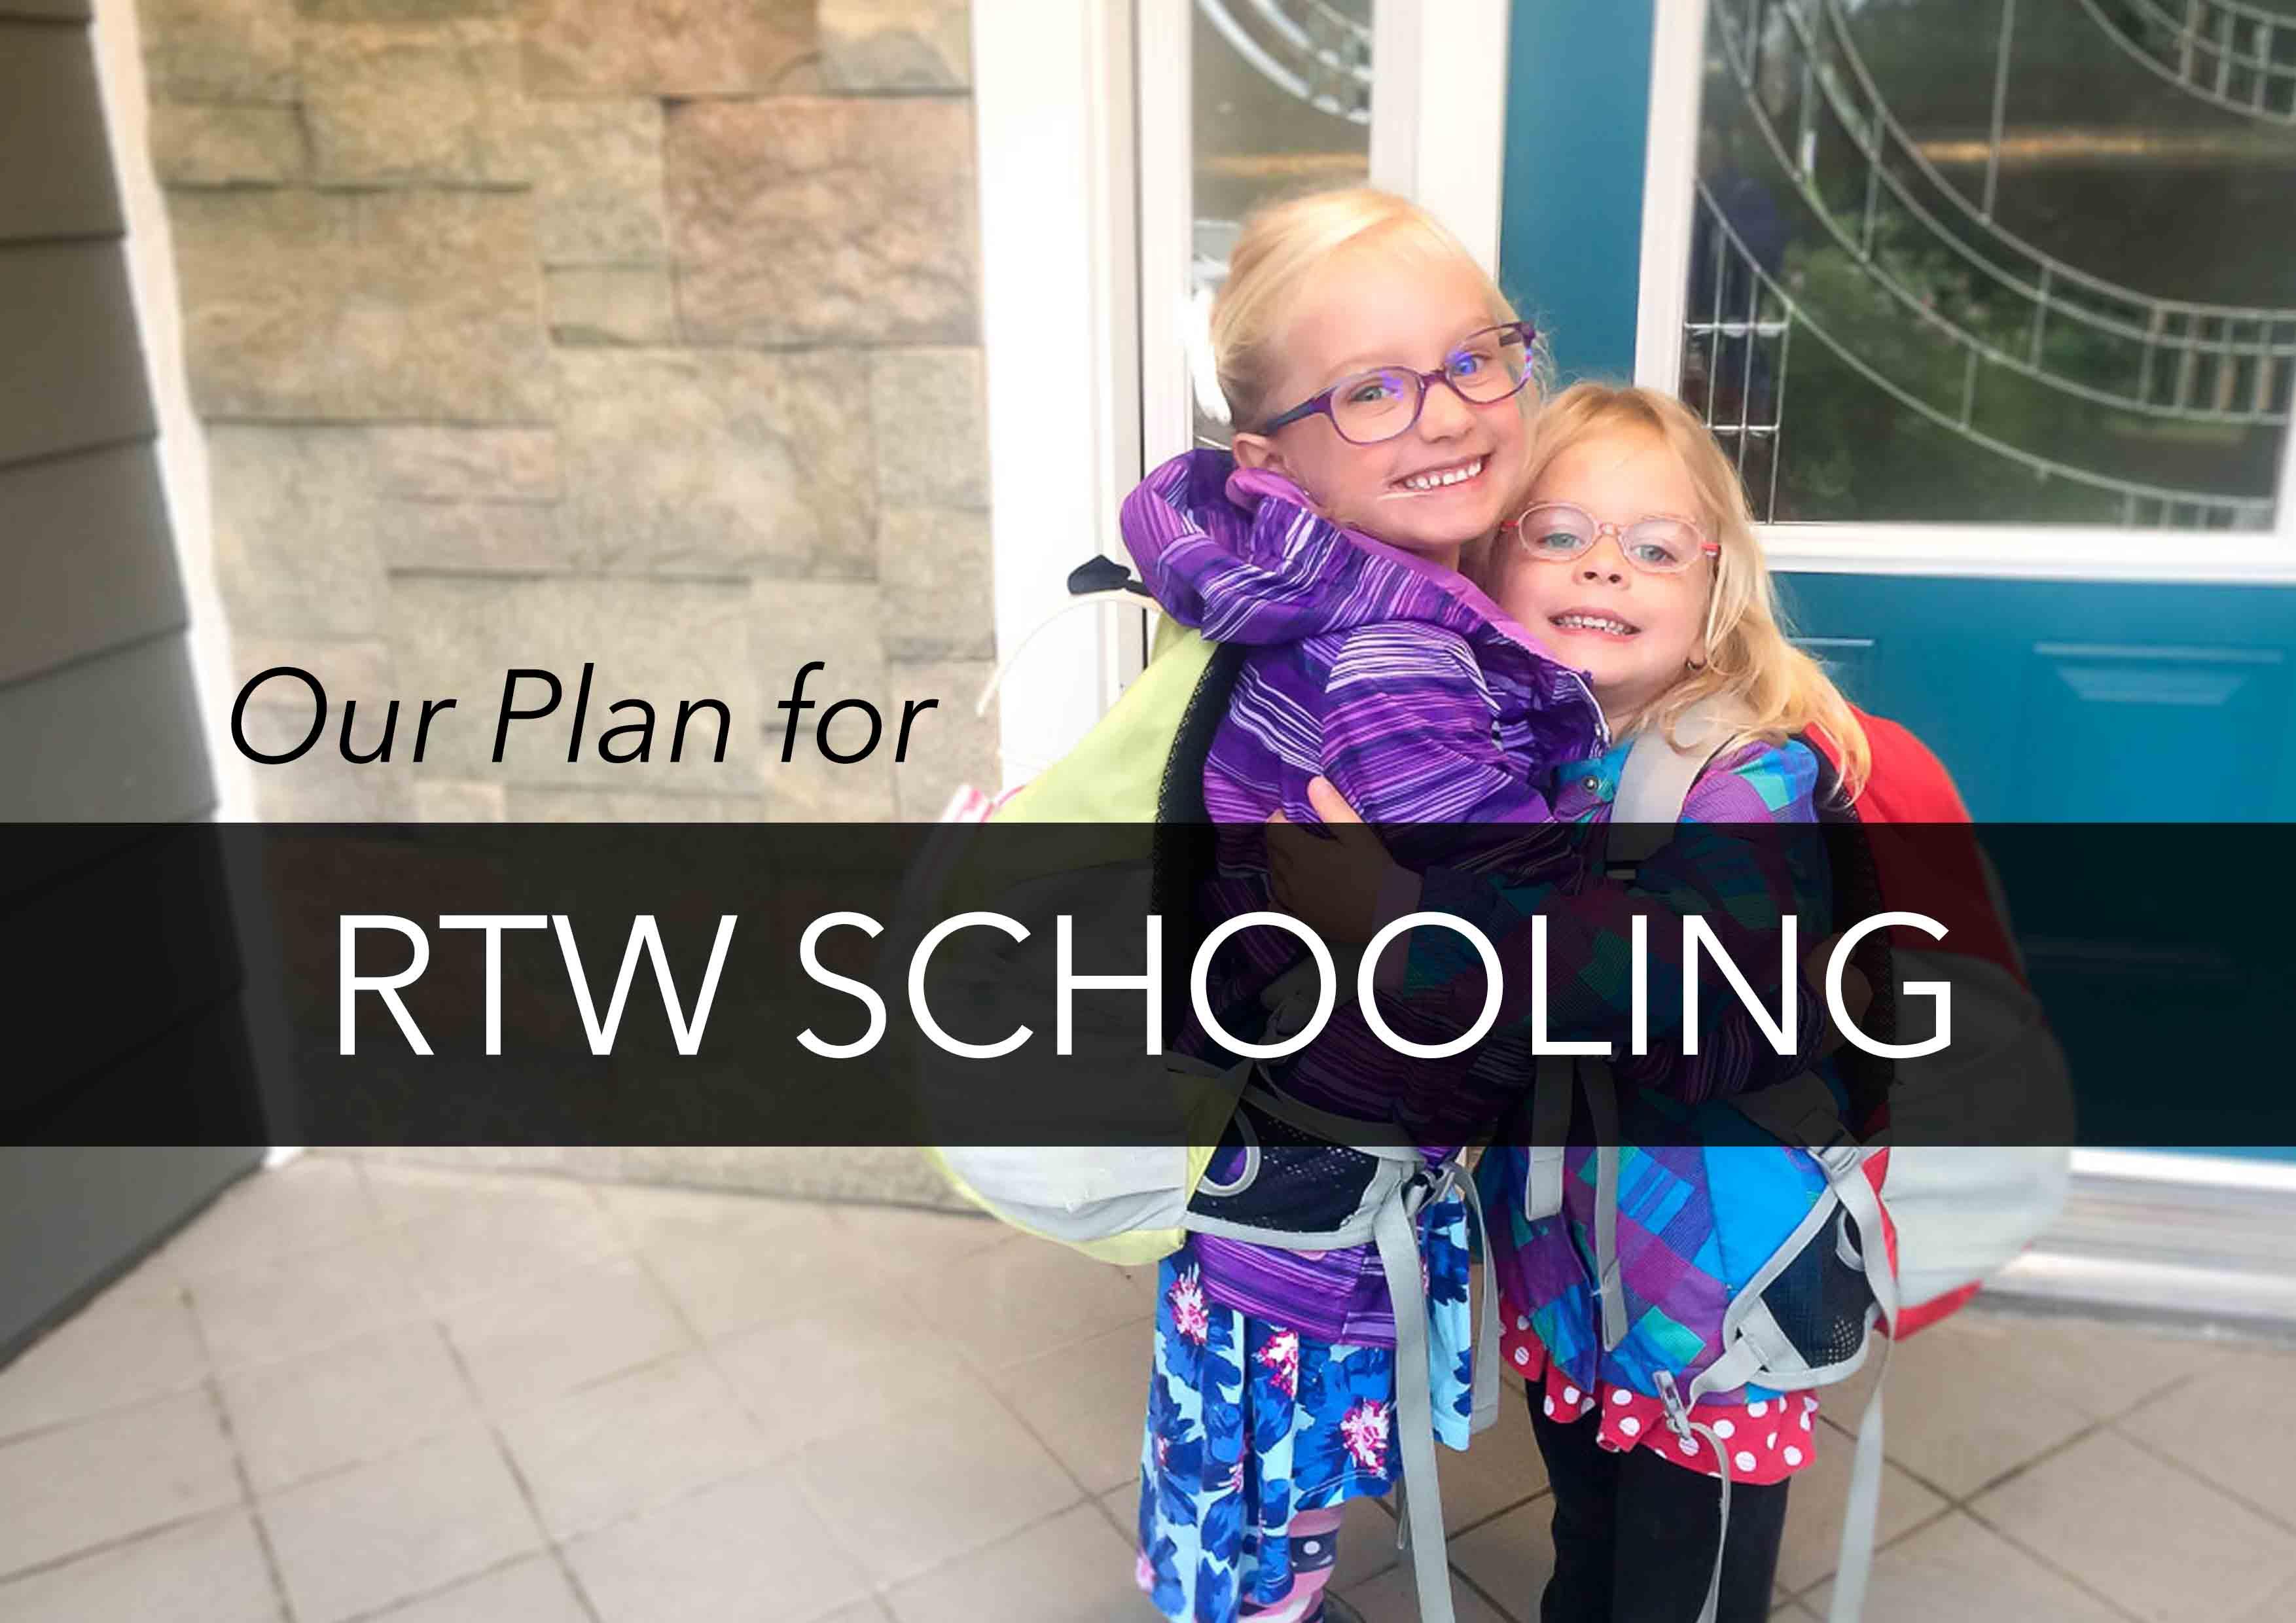 RTW Schooling